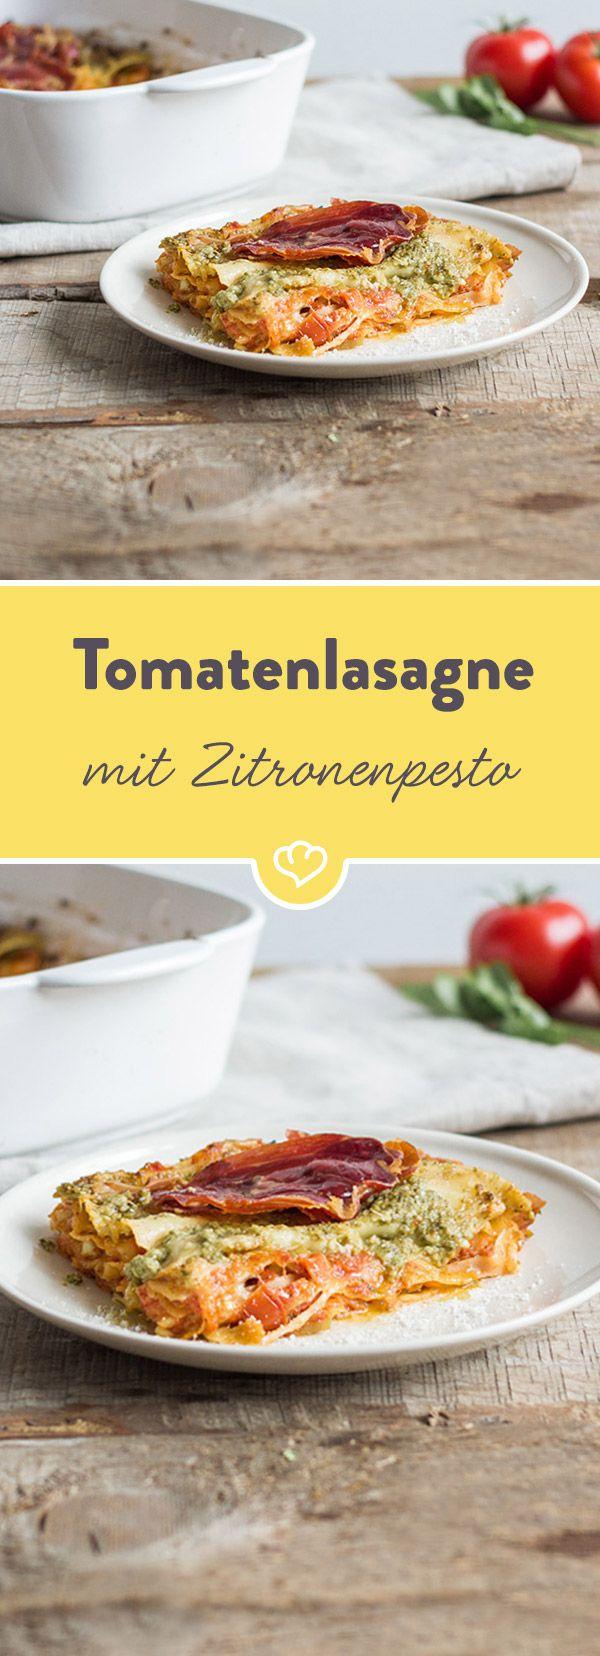 Lasagne geht immer! Vor allem mit Tomate satt und feinem Zitronenpesto in der Füllung. Stell schon mal den Backofen an und probier unser Rezept aus.